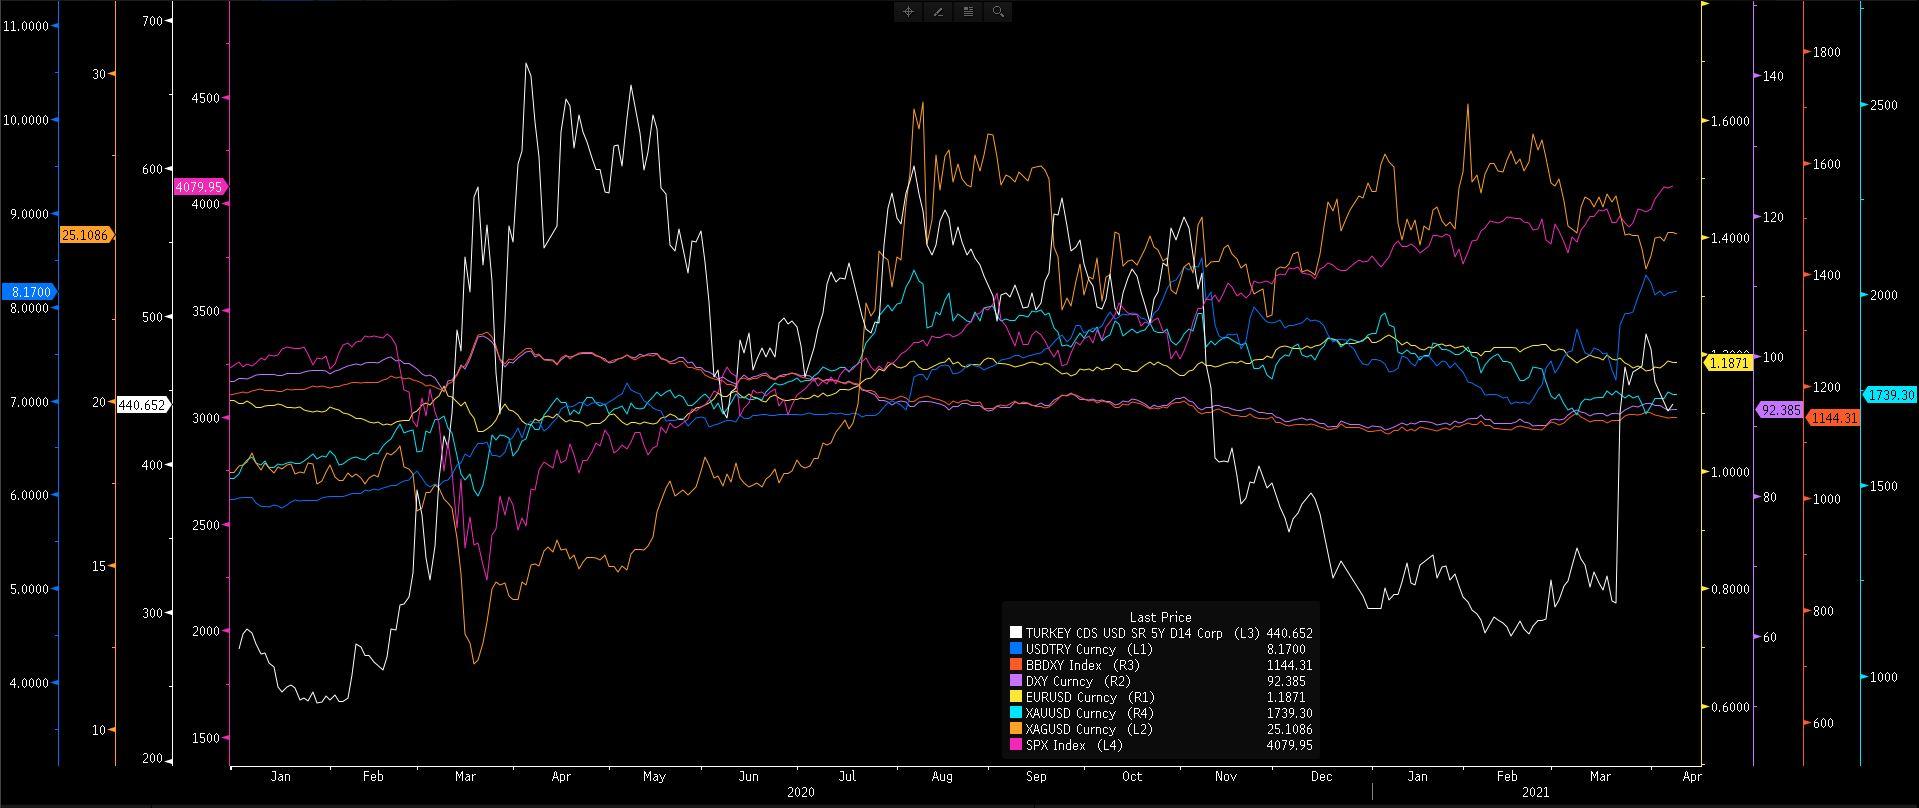 Fed sonrası ECB tutanakları ve Powell ÇağrıMerkezin